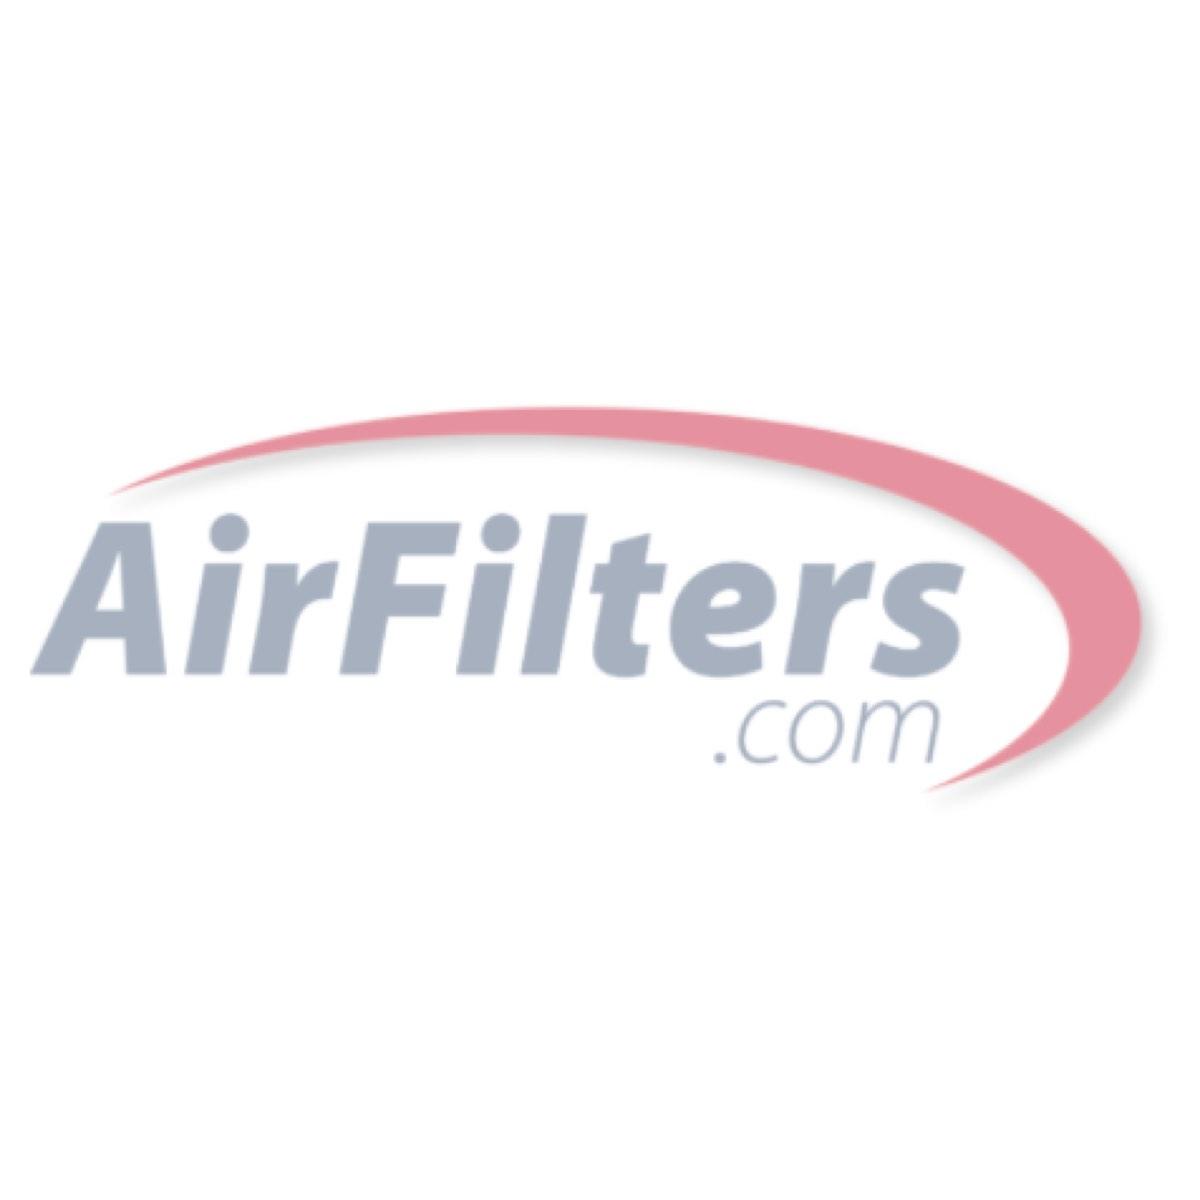 Aeriale® Air Filters by Accumulair®